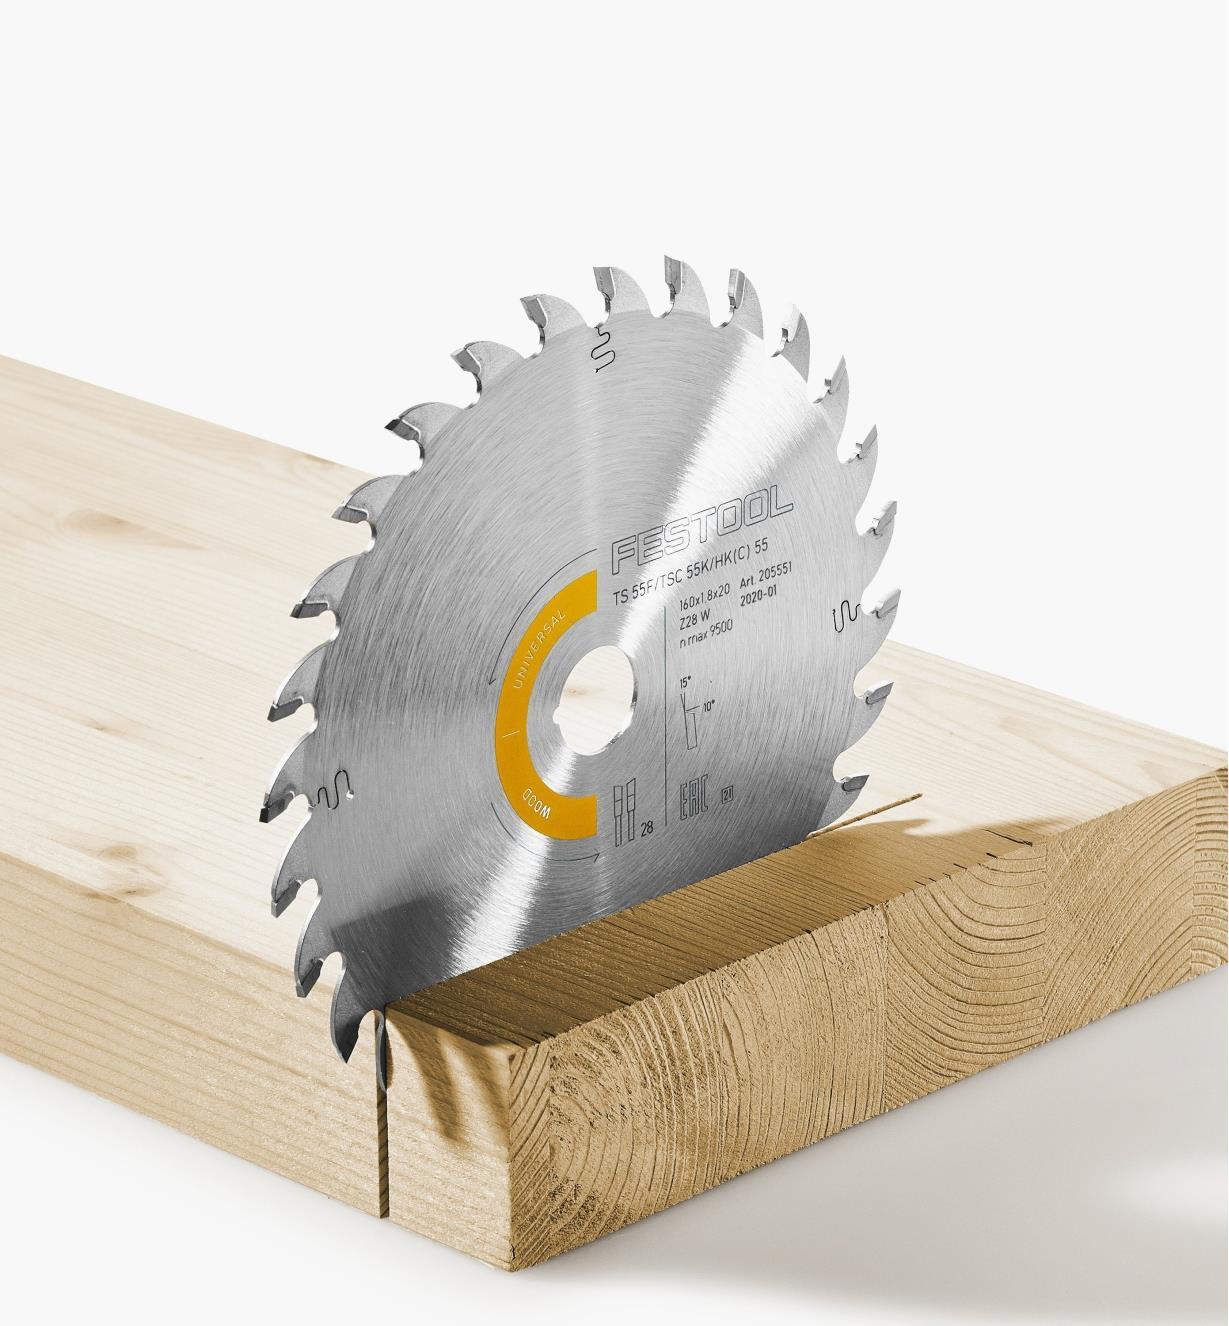 Lame universelle en position verticale dans une pièce de bois dur